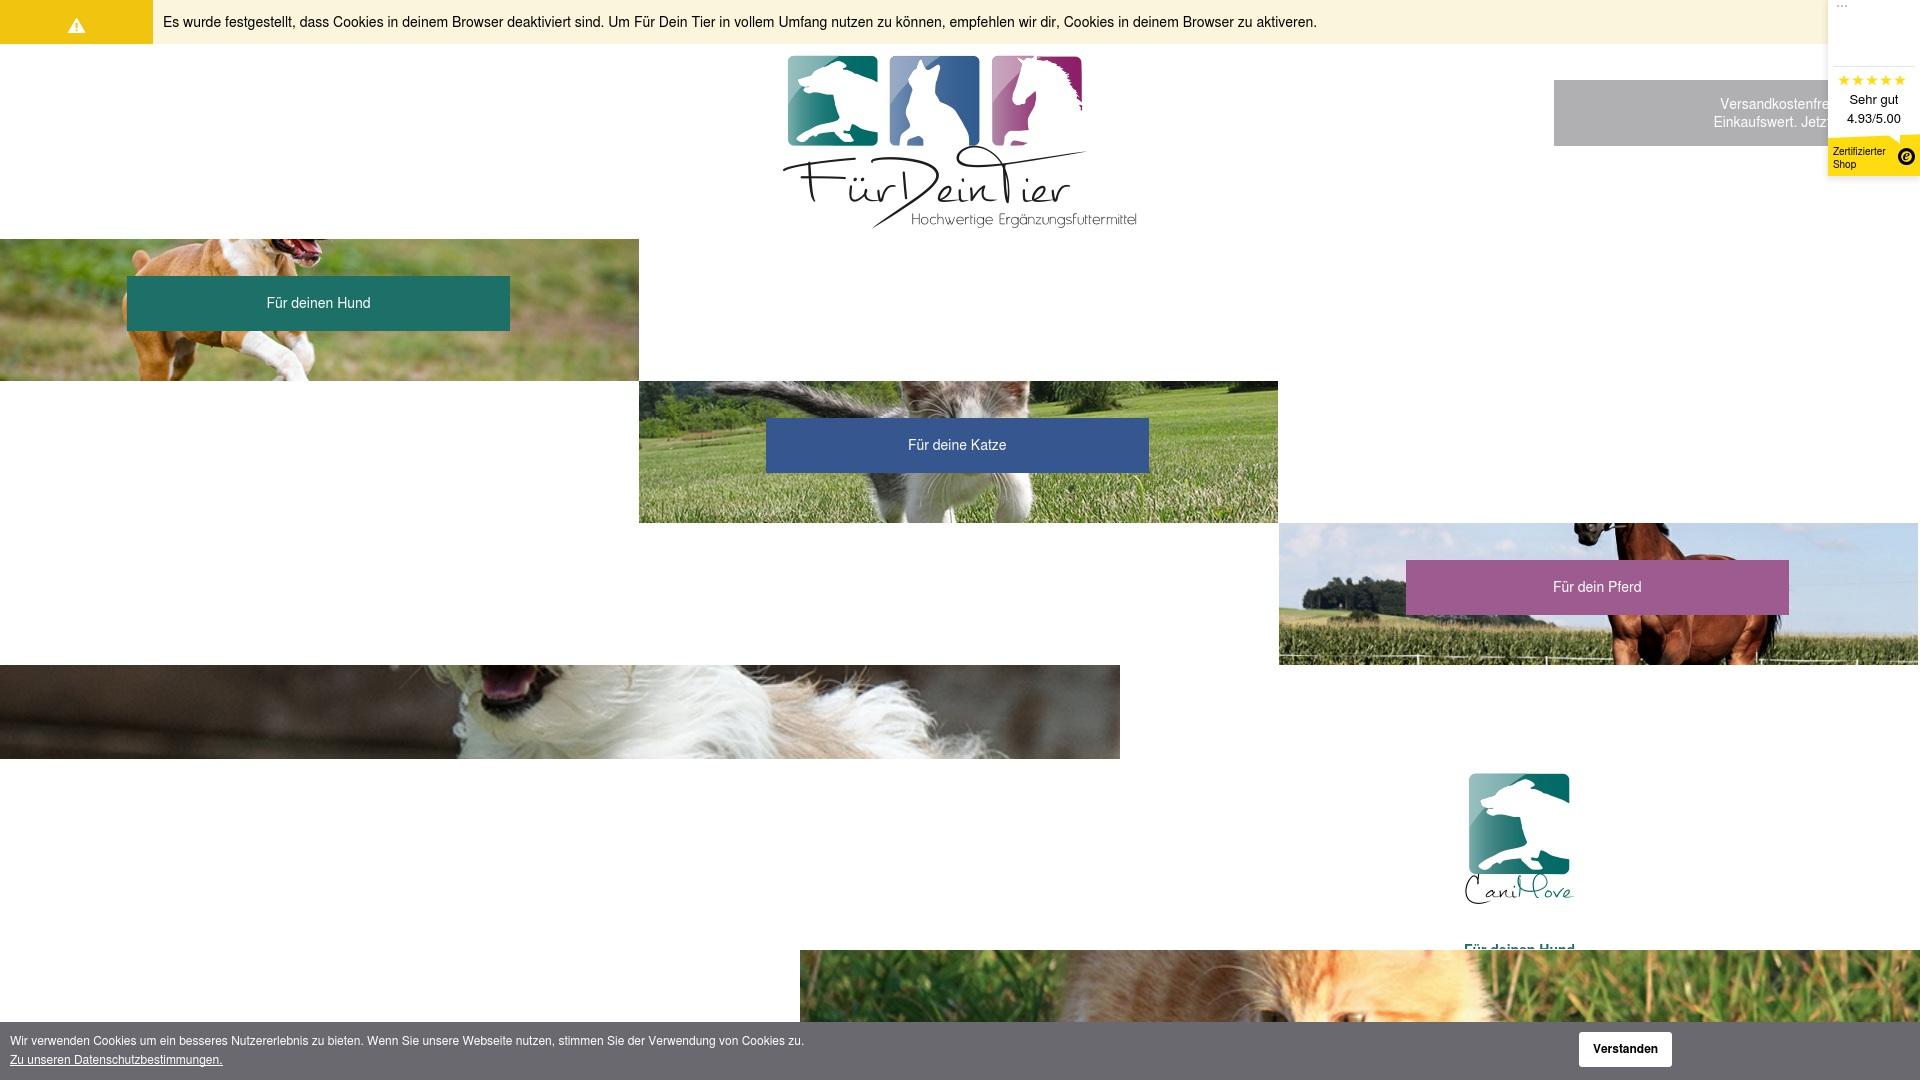 Geld zurück bei Fuerdeintier: Jetzt im April 2021 Cashback für Fuerdeintier sichern